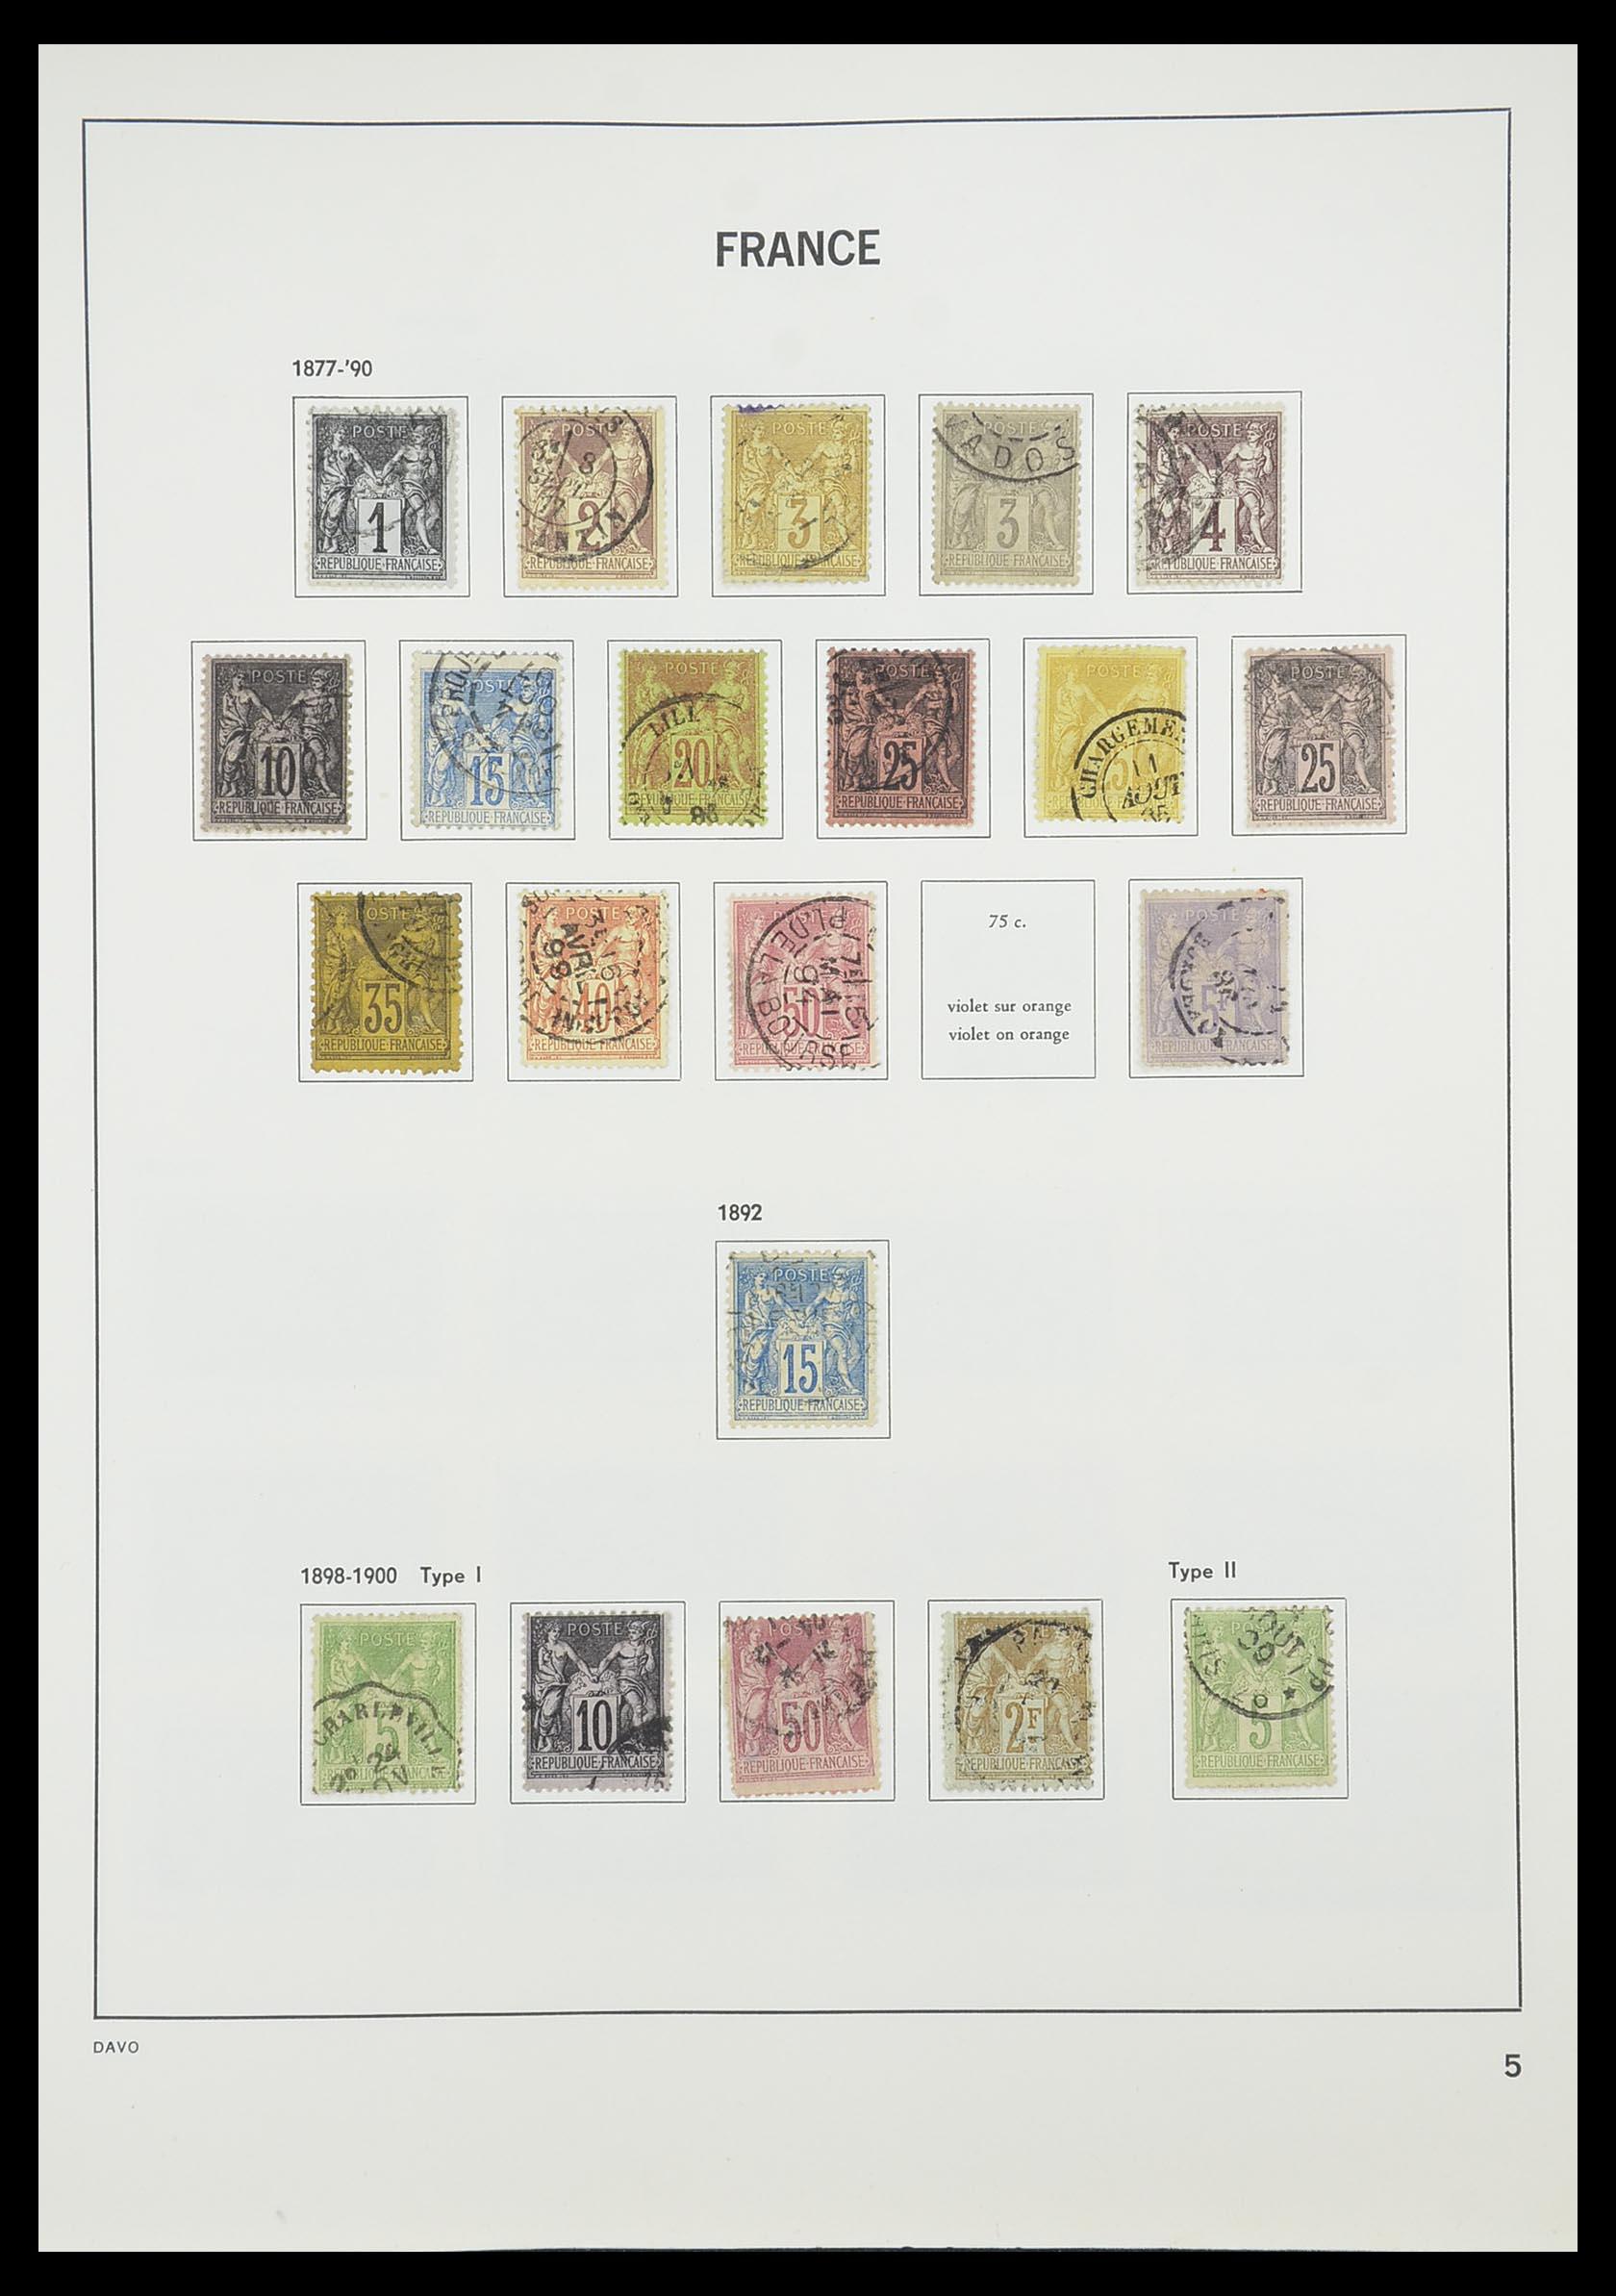 33819 007 - Postzegelverzameling 33819 Frankrijk 1849-1988.